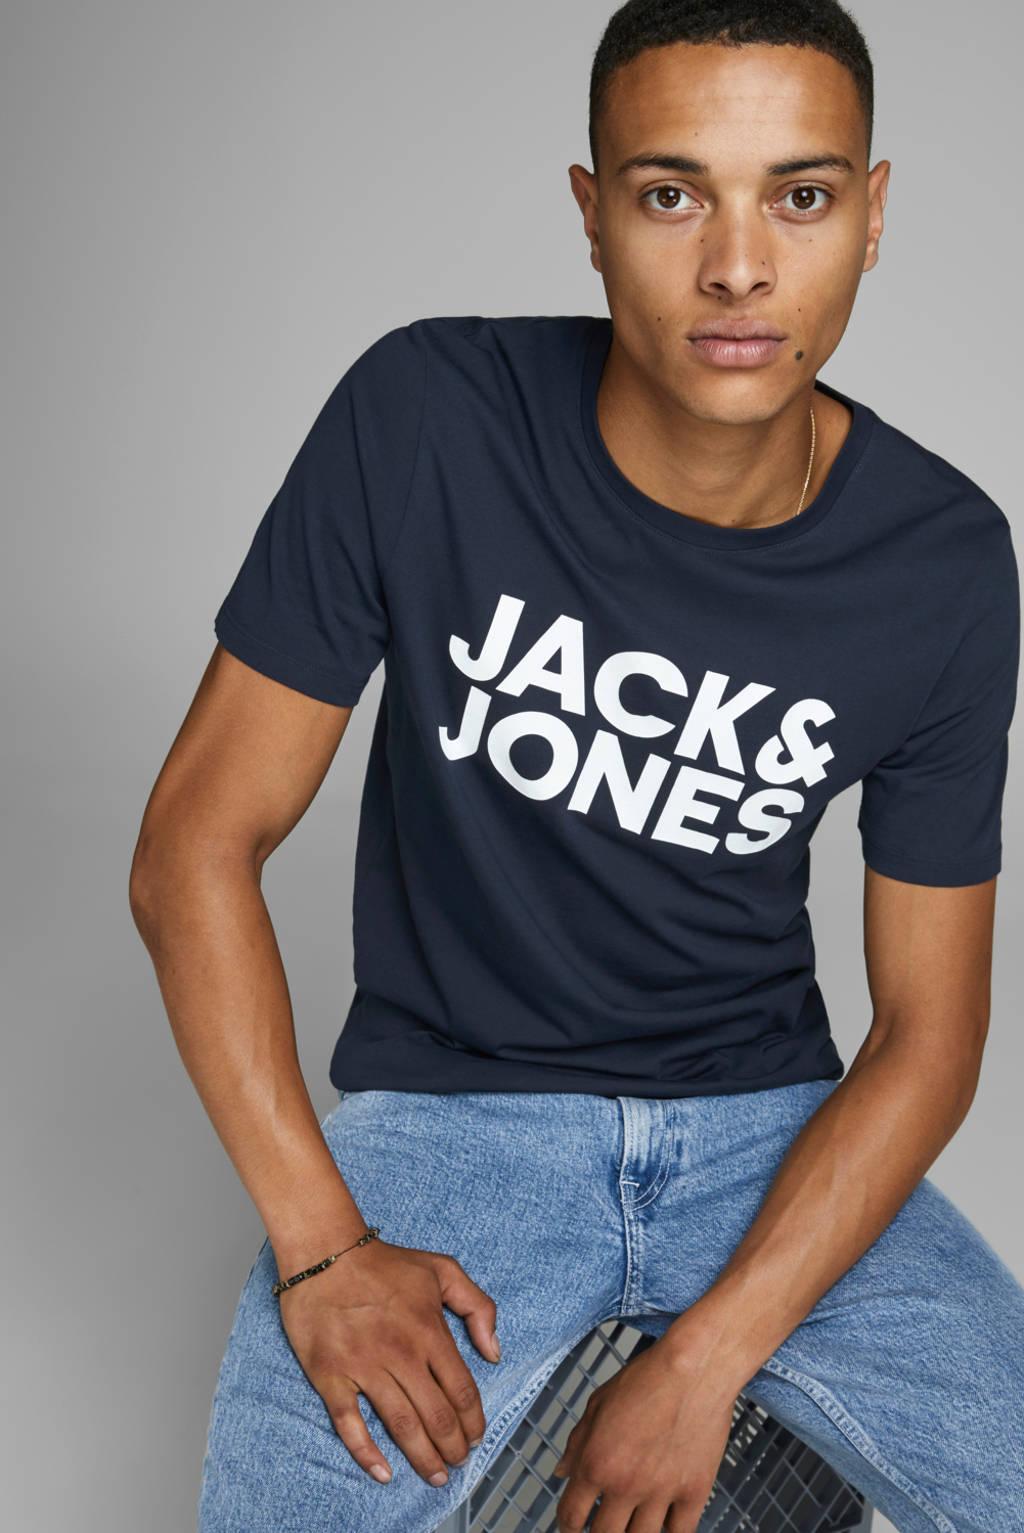 JACK & JONES ESSENTIALS T-shirt met tekst donkerblauw, Donkerblauw